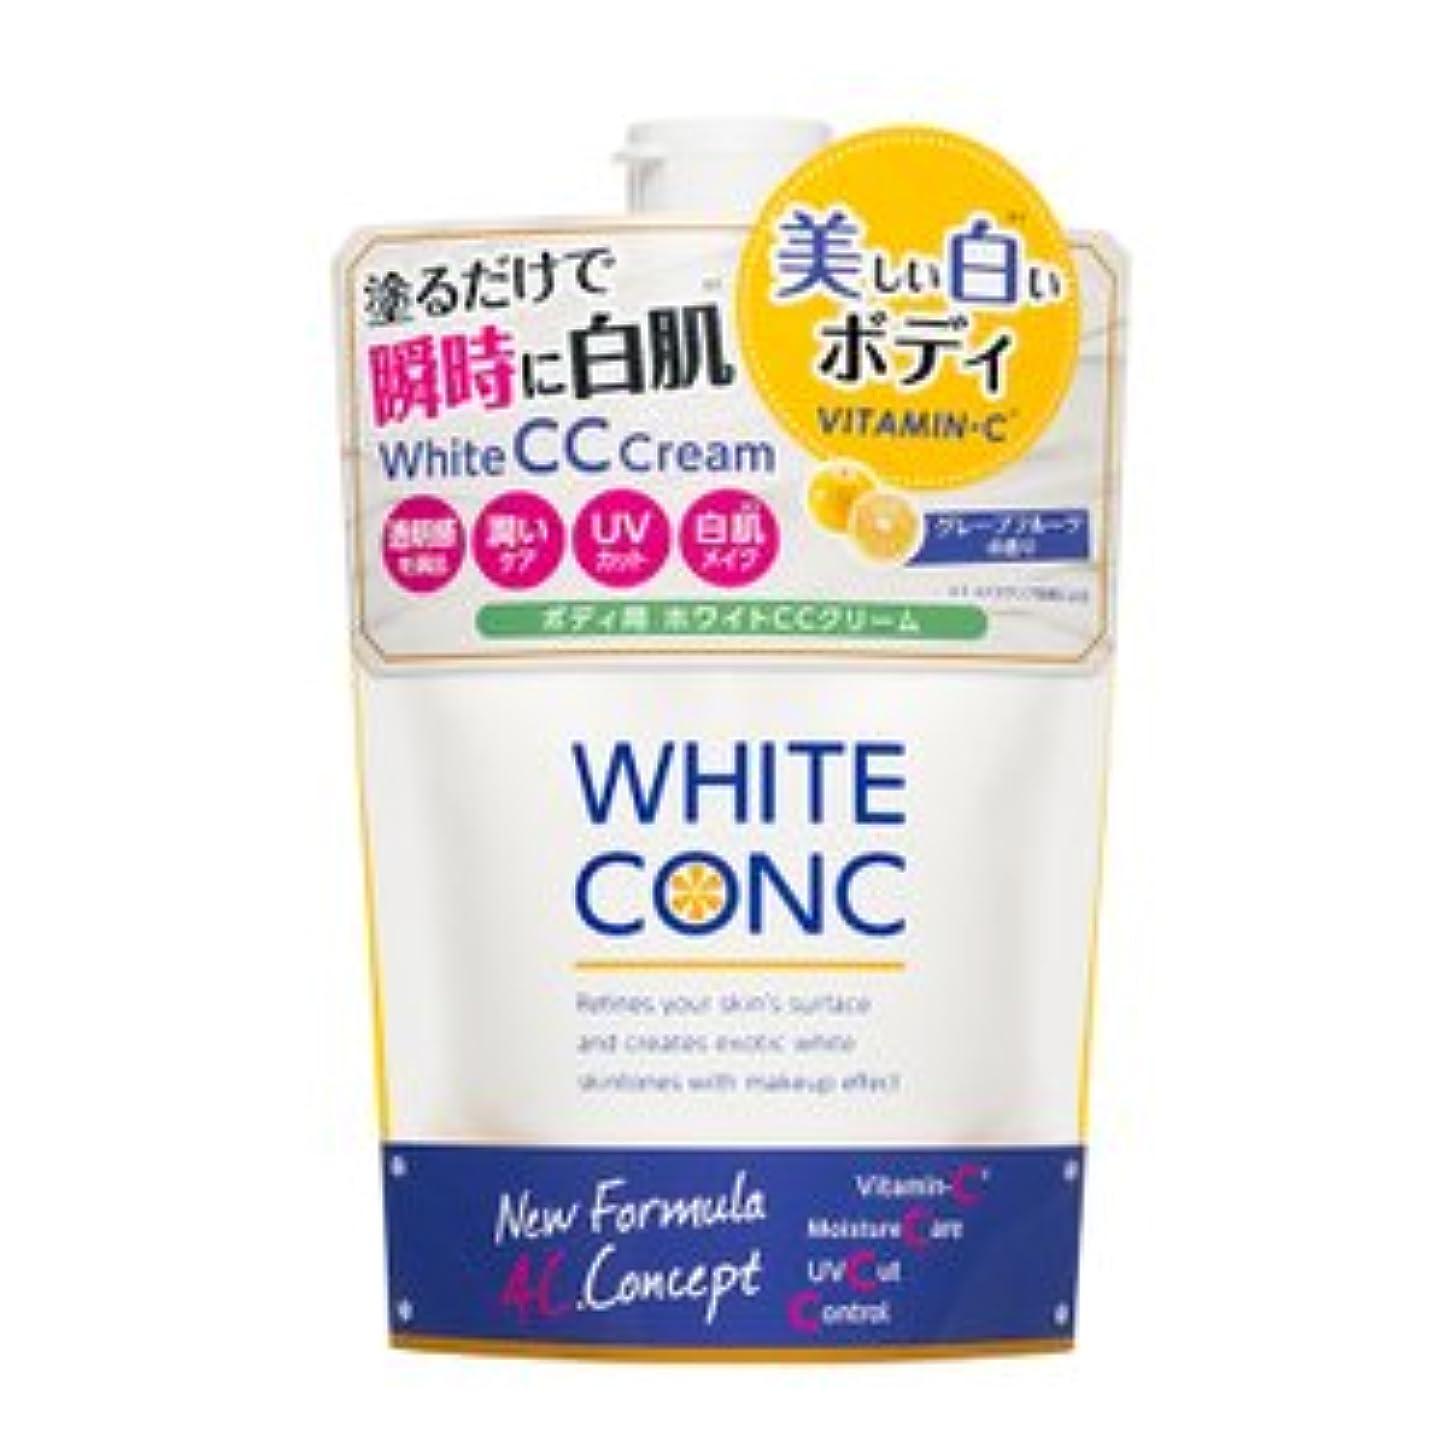 刈り取るスクリーチ風薬用ホワイトコンクホワイトCCクリーム 200g